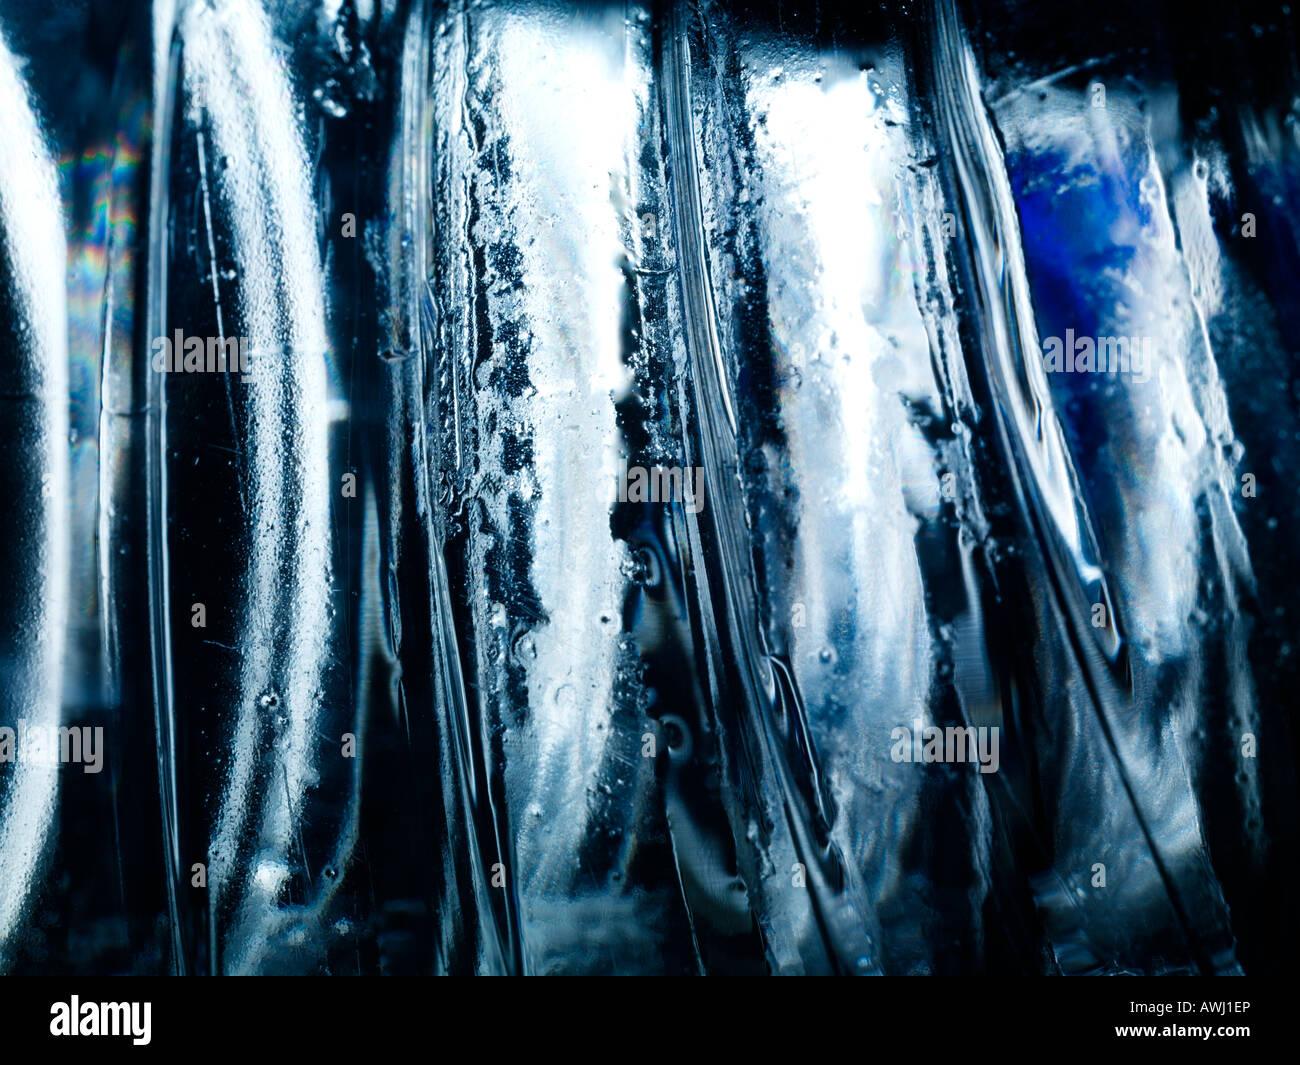 Abstrakte Kunst Bilder große Dateien Größe eine Plastikflasche mit einer bewegten Lichtquelle beleuchtet Stockbild